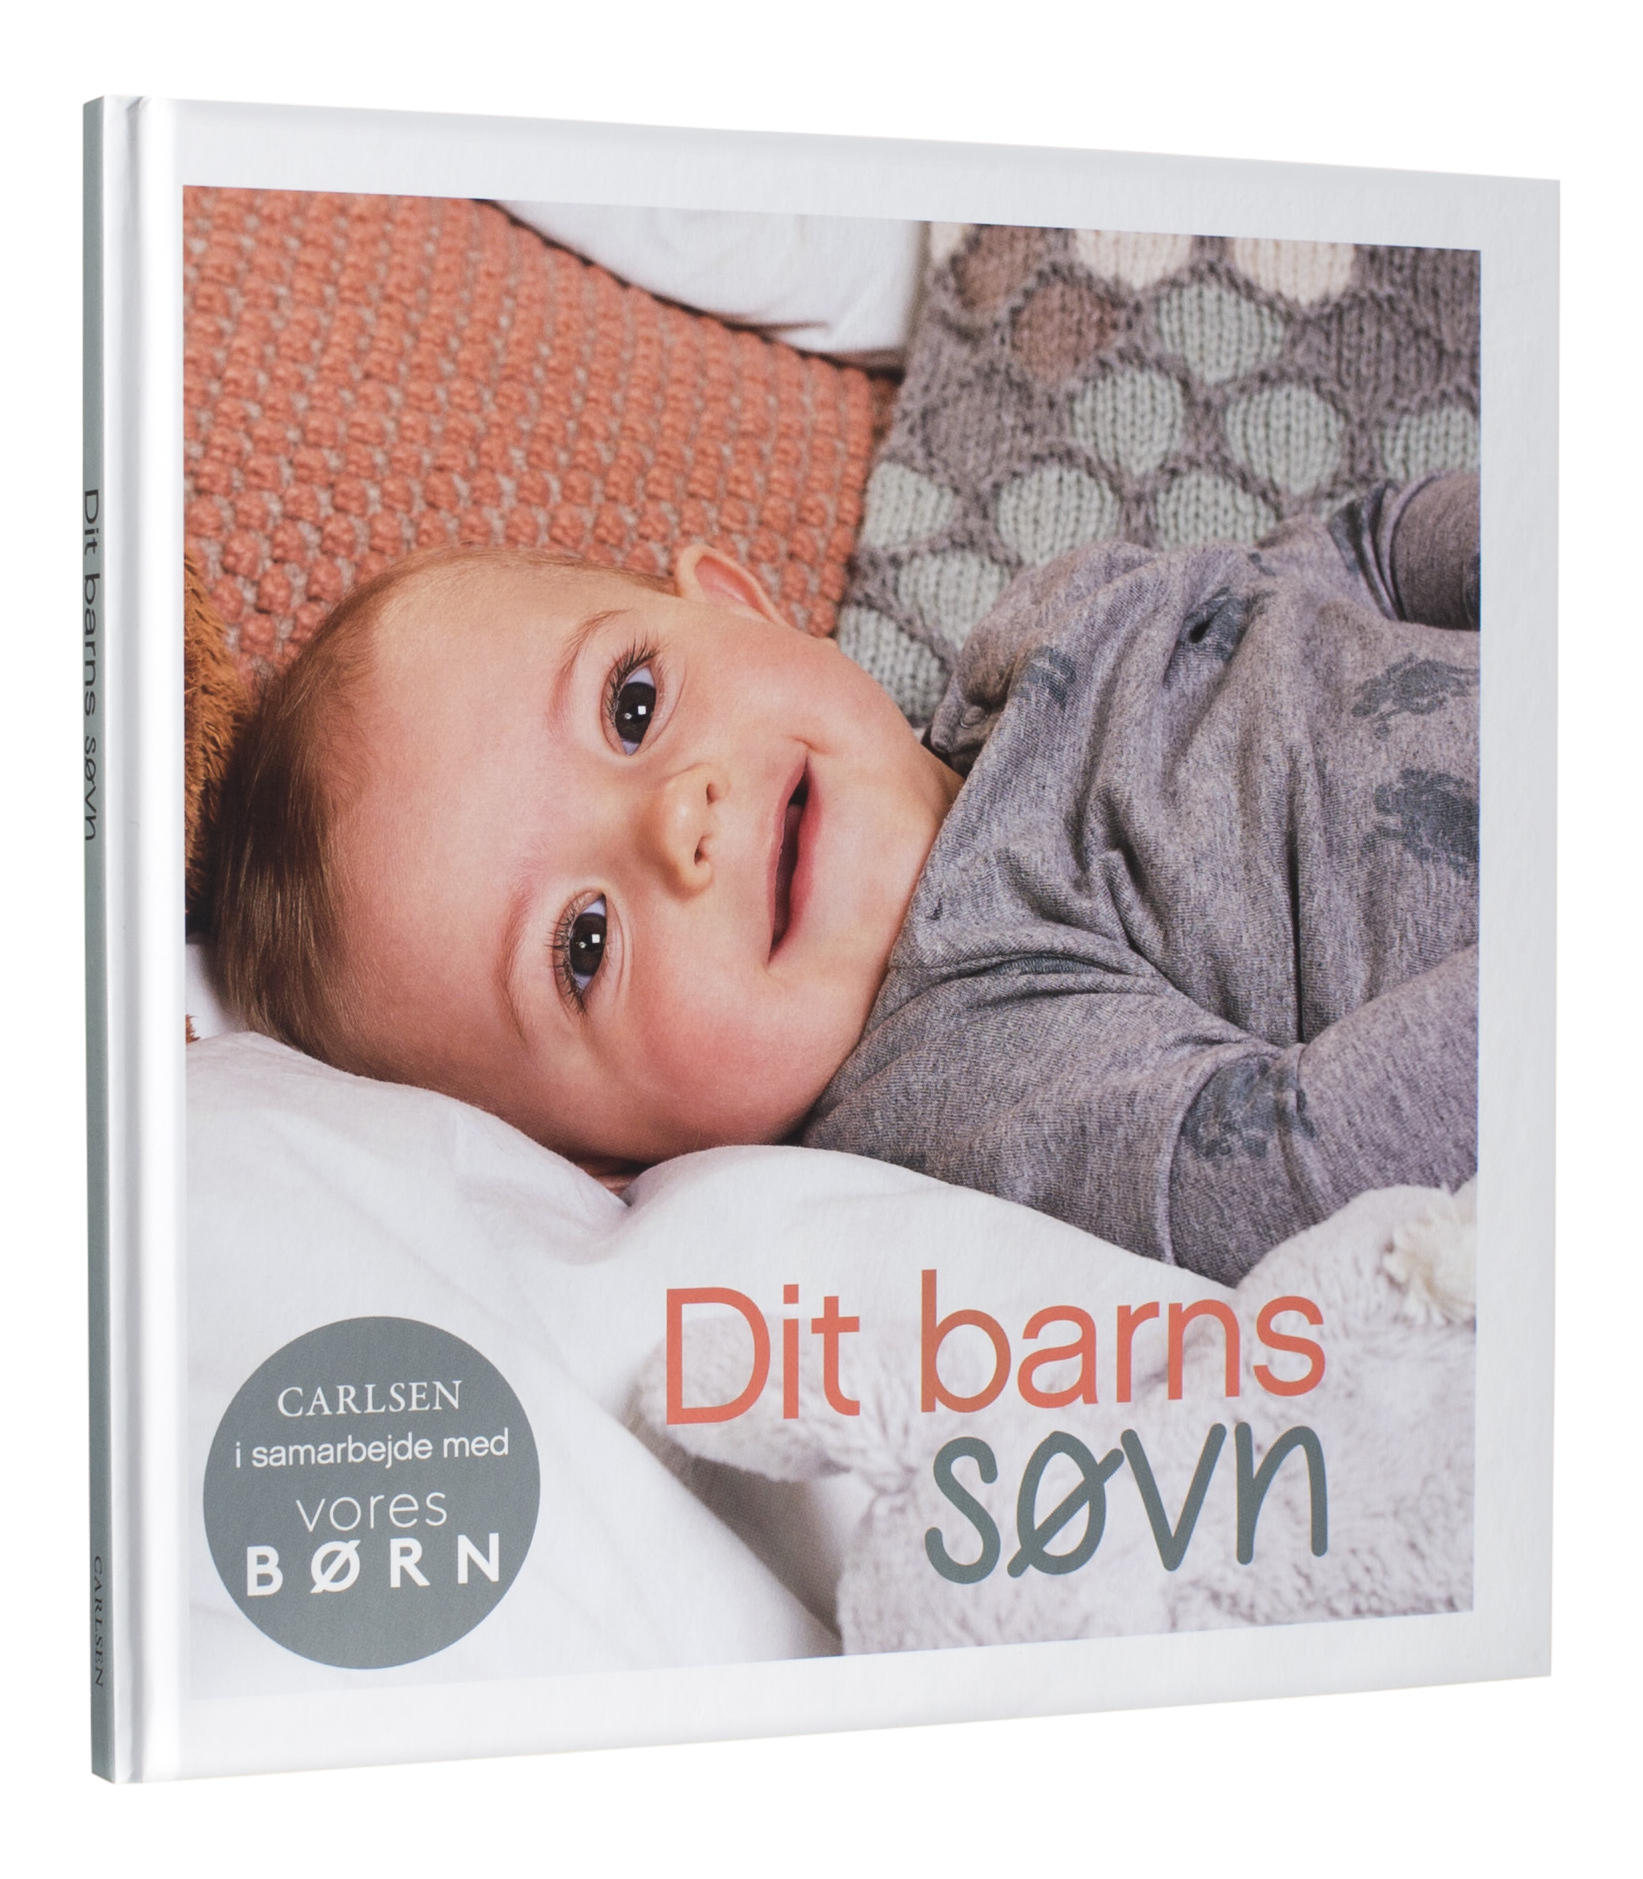 Dit barns søvn, vores børn, søvn, middagslur, vuggestuebarn